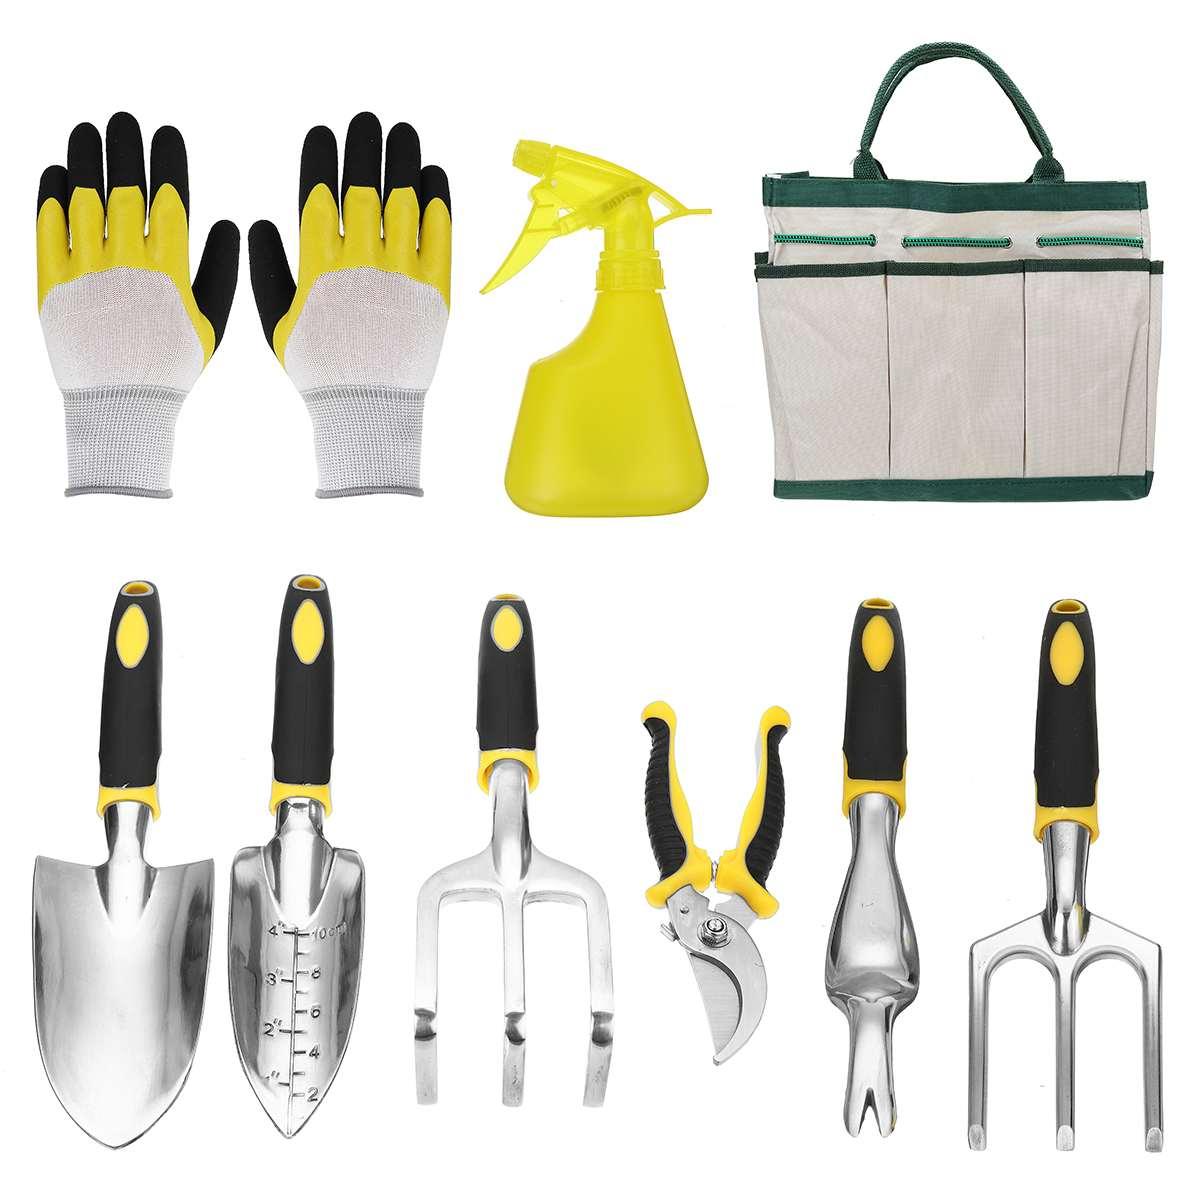 Garden-Tool-Set-5-9-Pcs-set-Multi-Functional-Garden-Kit-Practical-Trowel-Rake-Shovel-Fork.jpg